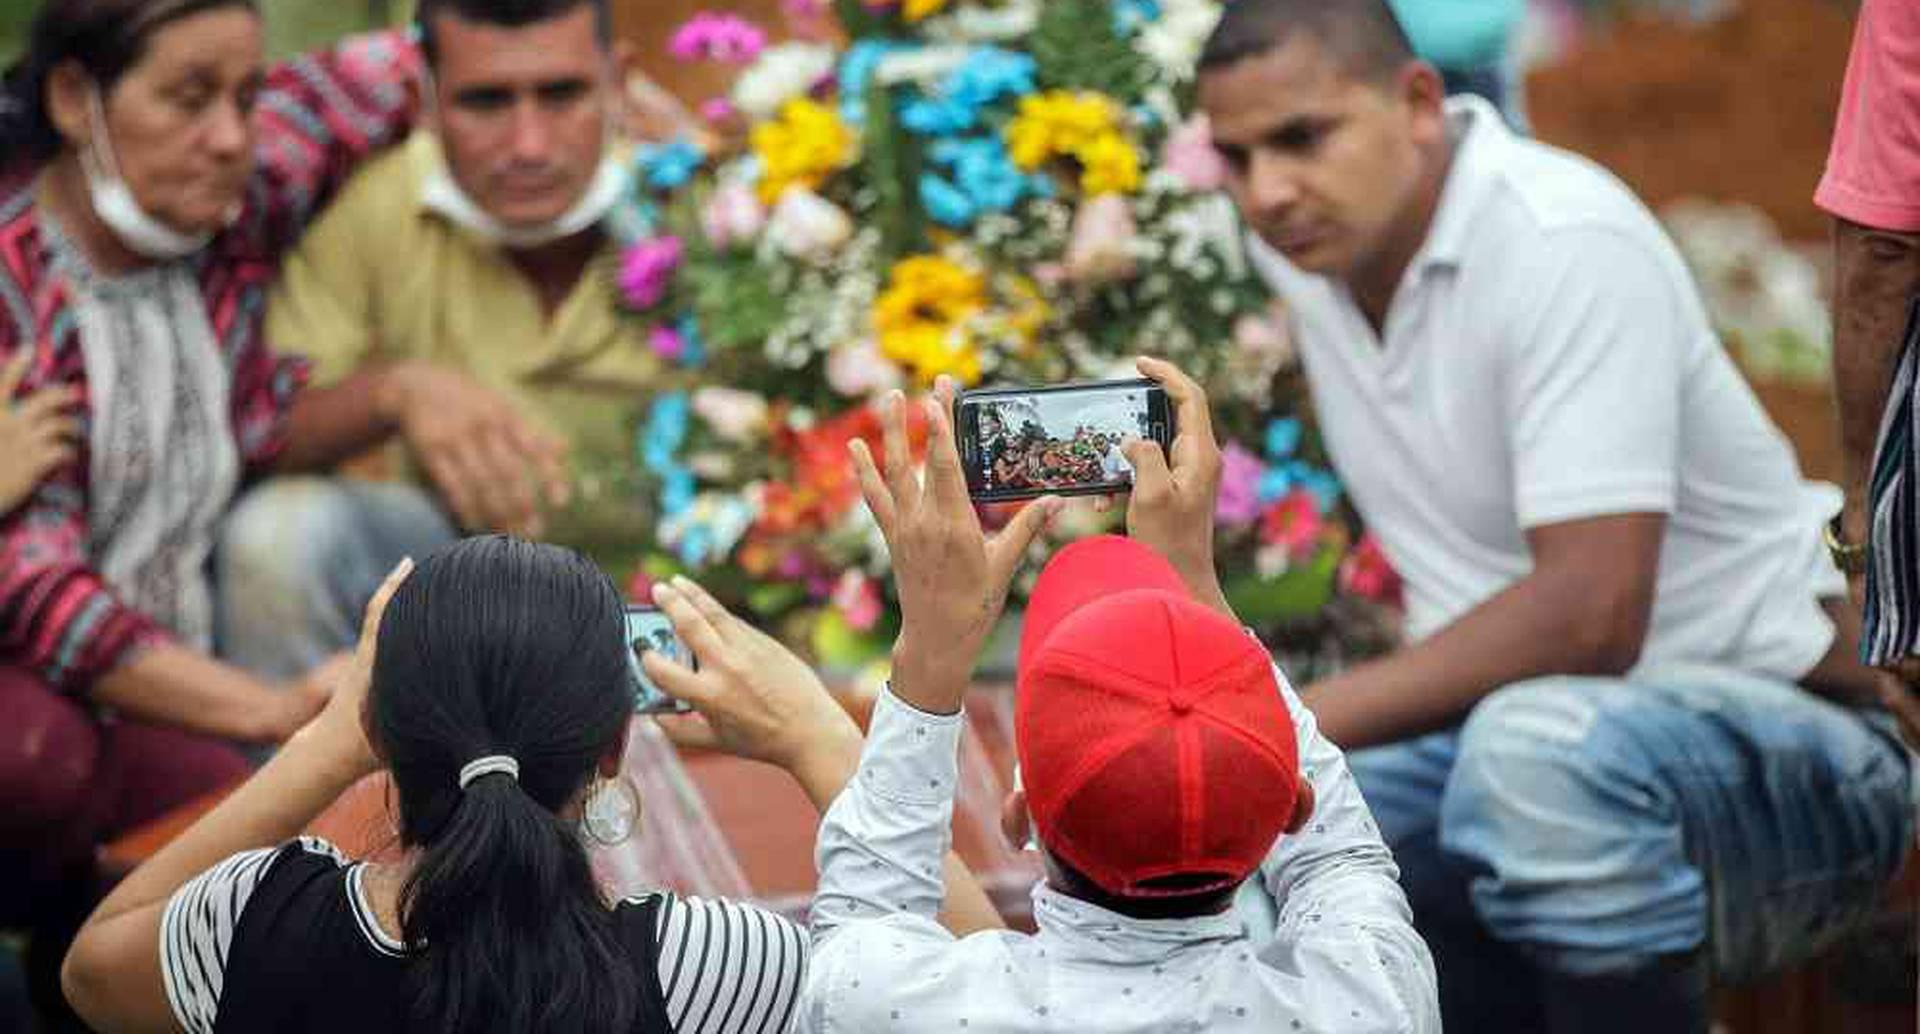 Familiares de las victimas de la avalancha que el pasado 31 de marzo mató a por lo menos 262 personas, se toman una foto en medio del dolor que representa despedir a sus seres queridos, en el Parque Cementerio la Ascensión Normandía, en Mocoa, Putumayo, el lunes 3 de abril de 2017, luego que la noche del 31 de marzo el desbordamiento de los ríos Mocoa, Mulato y Sangoyaco, arrasaran con todo a su paso. Foto: Carlos Julio Martínez / Enviado Especial de Semana